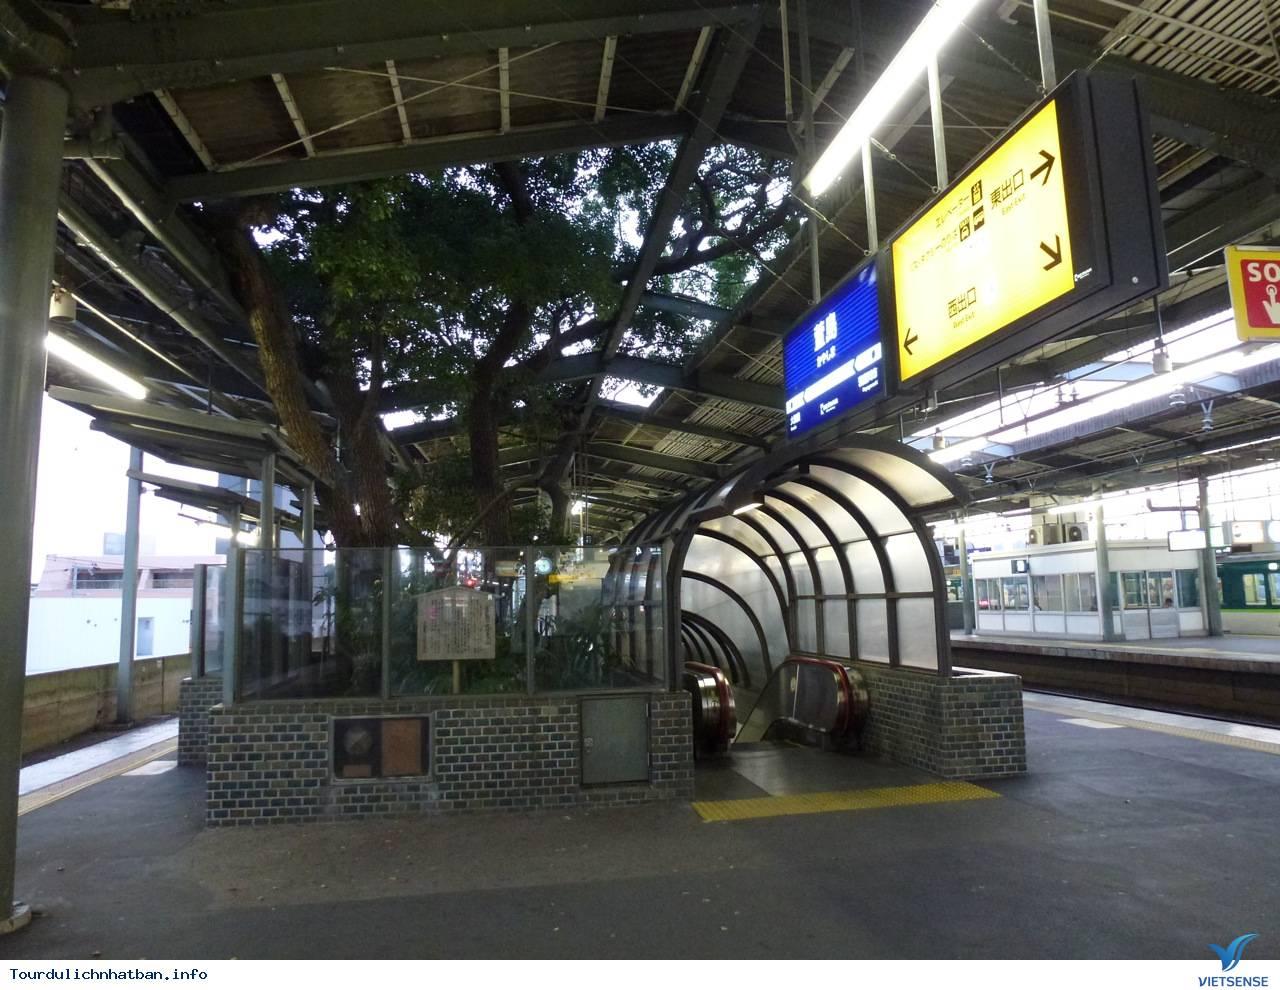 Huyền bí xung quanh cây đại thụ 700 năm tuổi ở Nhật Bản